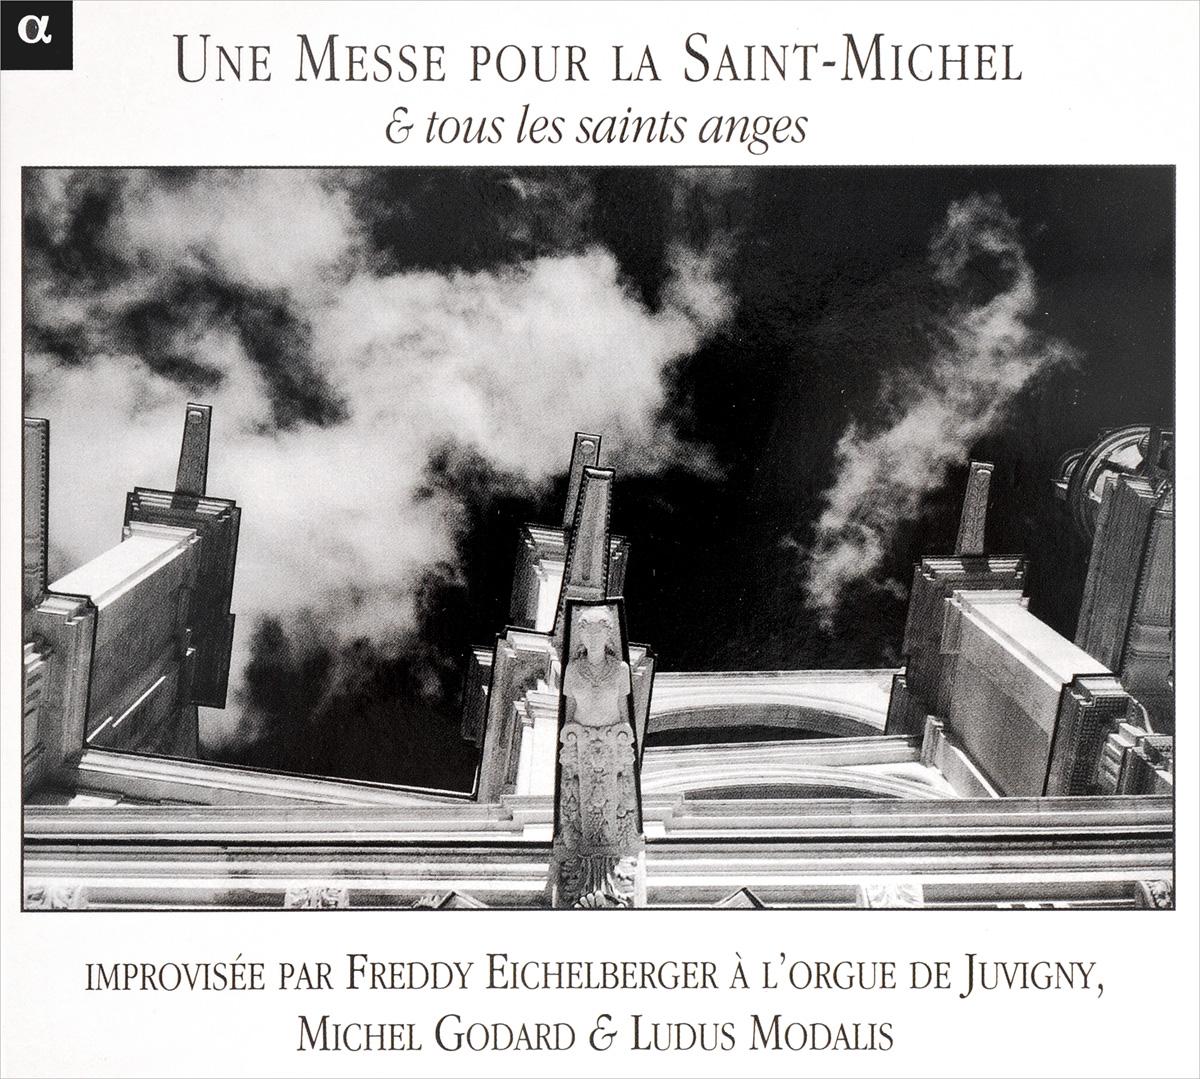 Freddy Eichelberger, Michel Godard & Ludus Modalis. Une Messe Pour La Saint-Michel & Tous Les Saints Anges